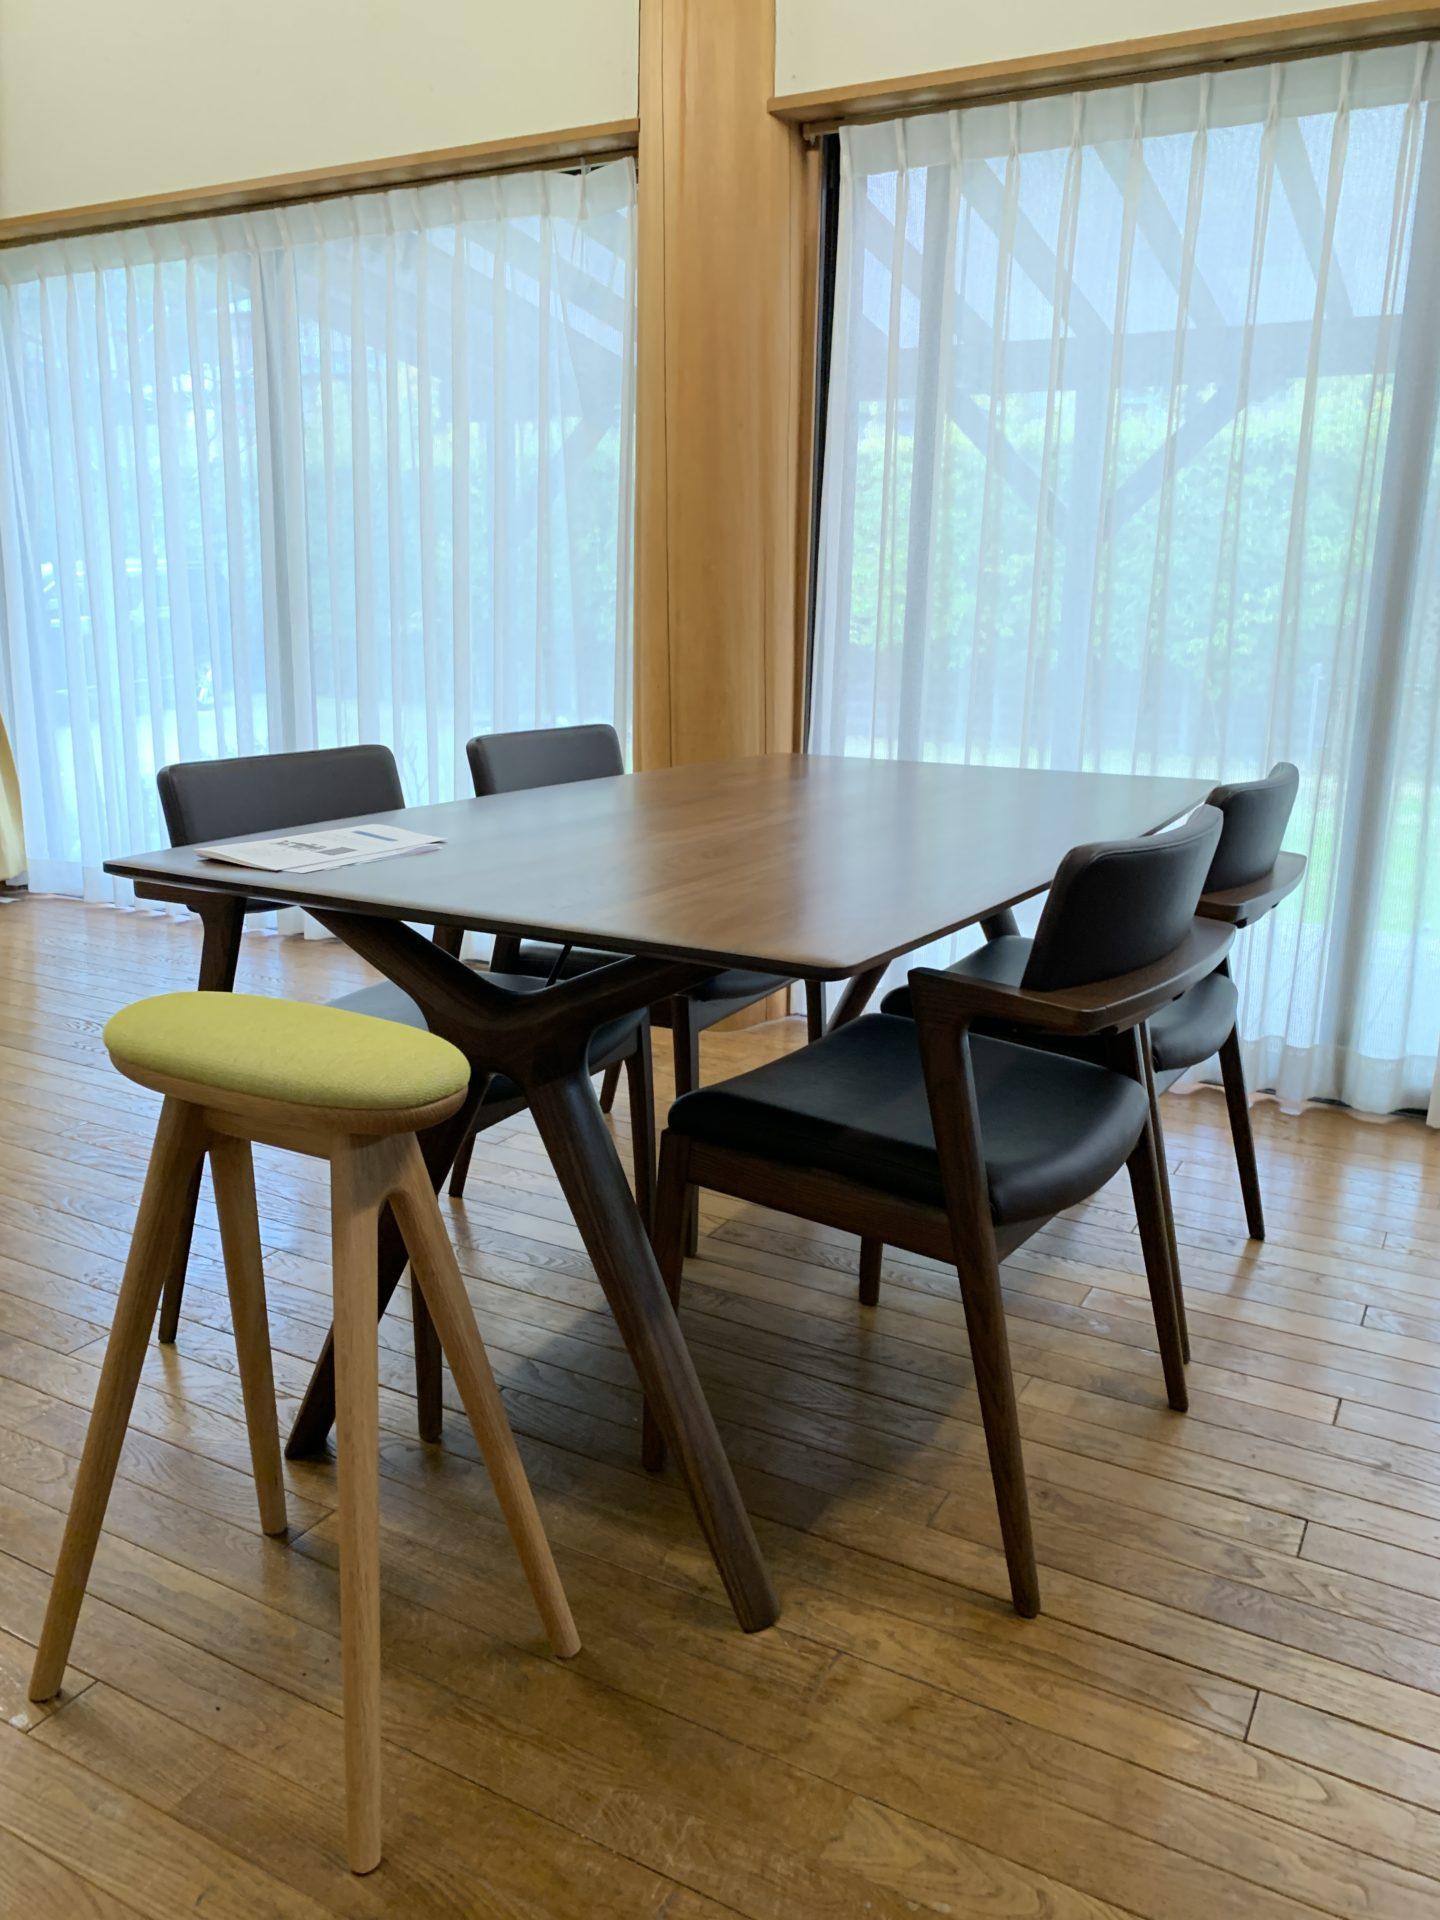 シャープなデザインのダイニングテーブル